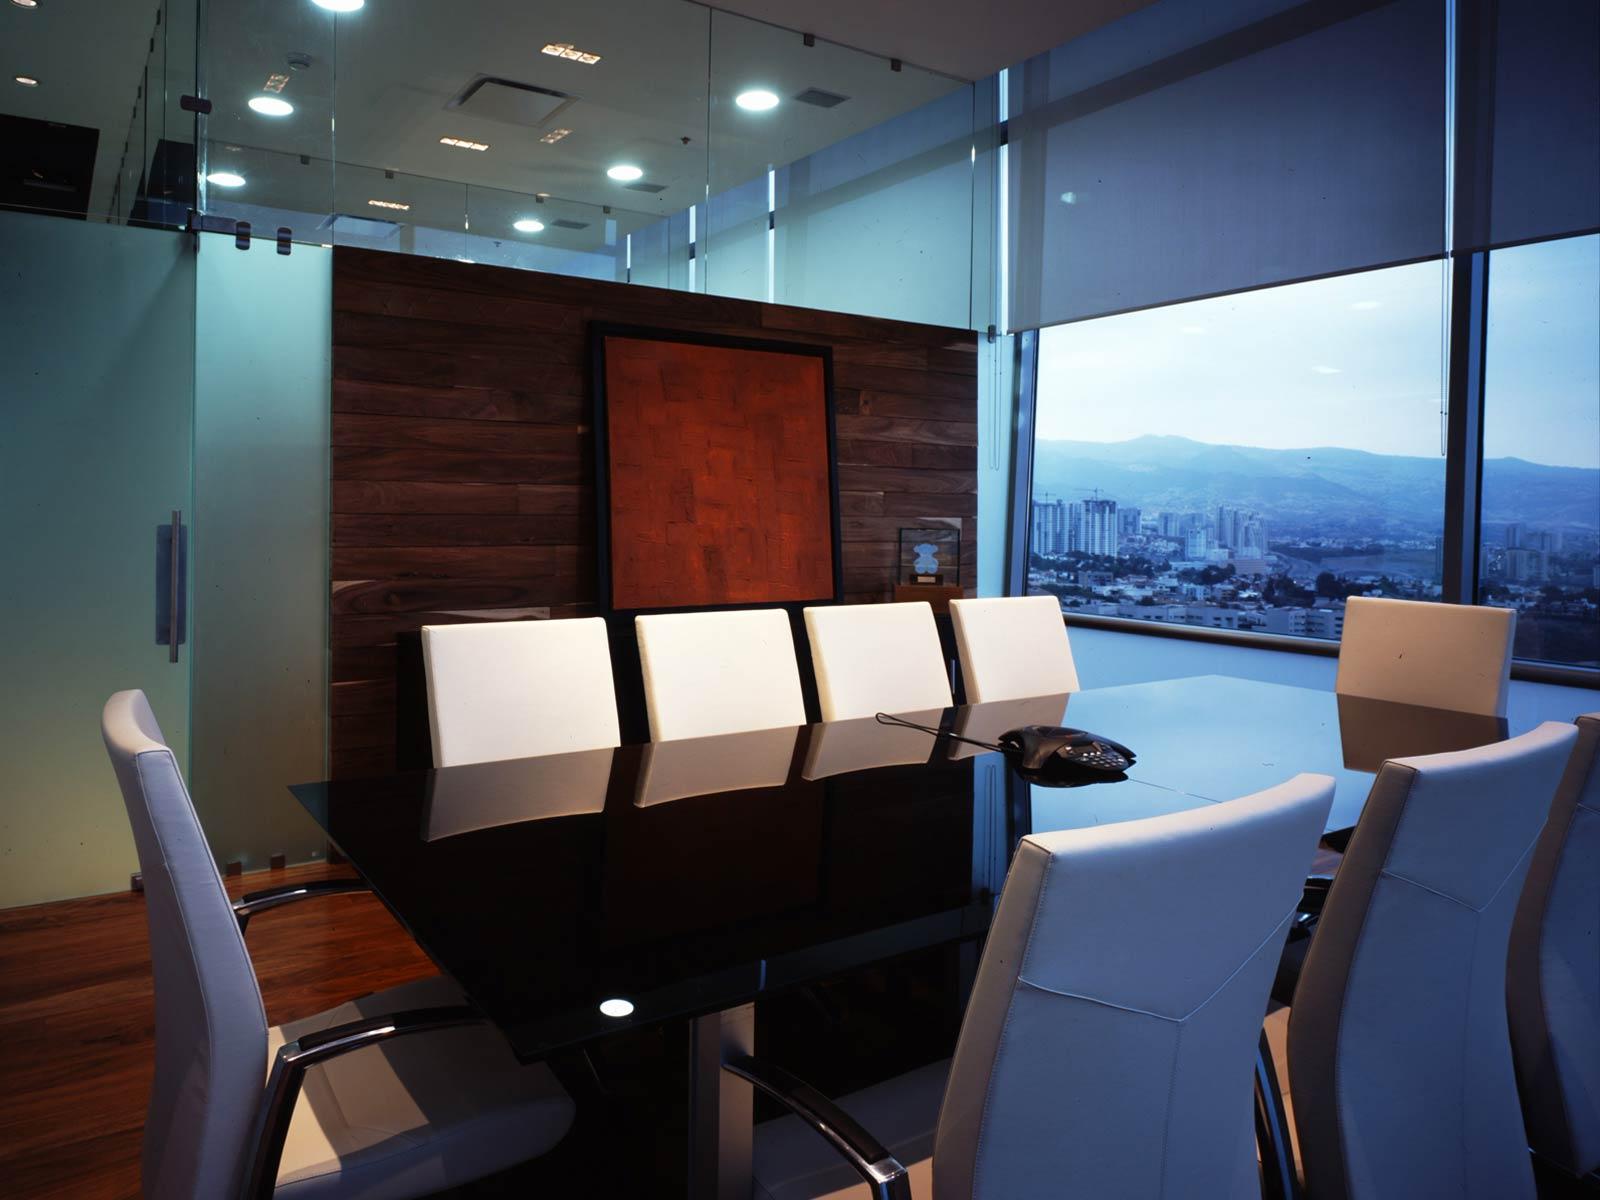 Grupo arquitech construcci n oficinas oficinas tous for Construccion oficinas